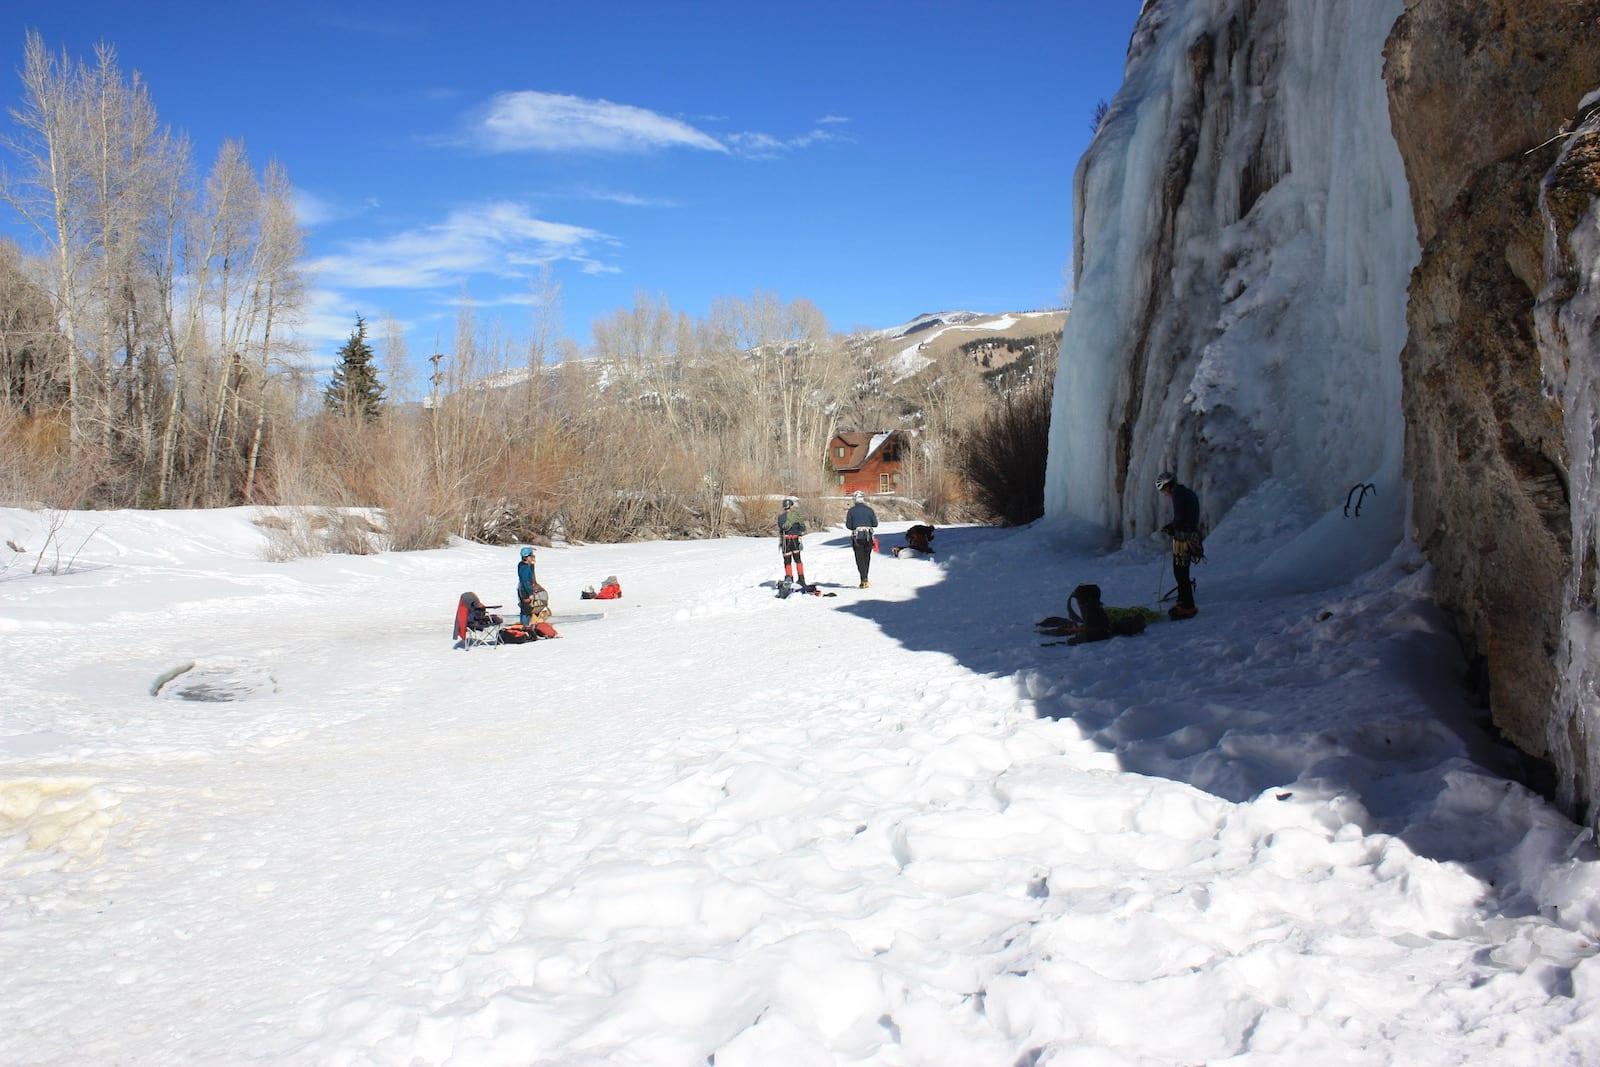 Lake City Ice Park Colorado